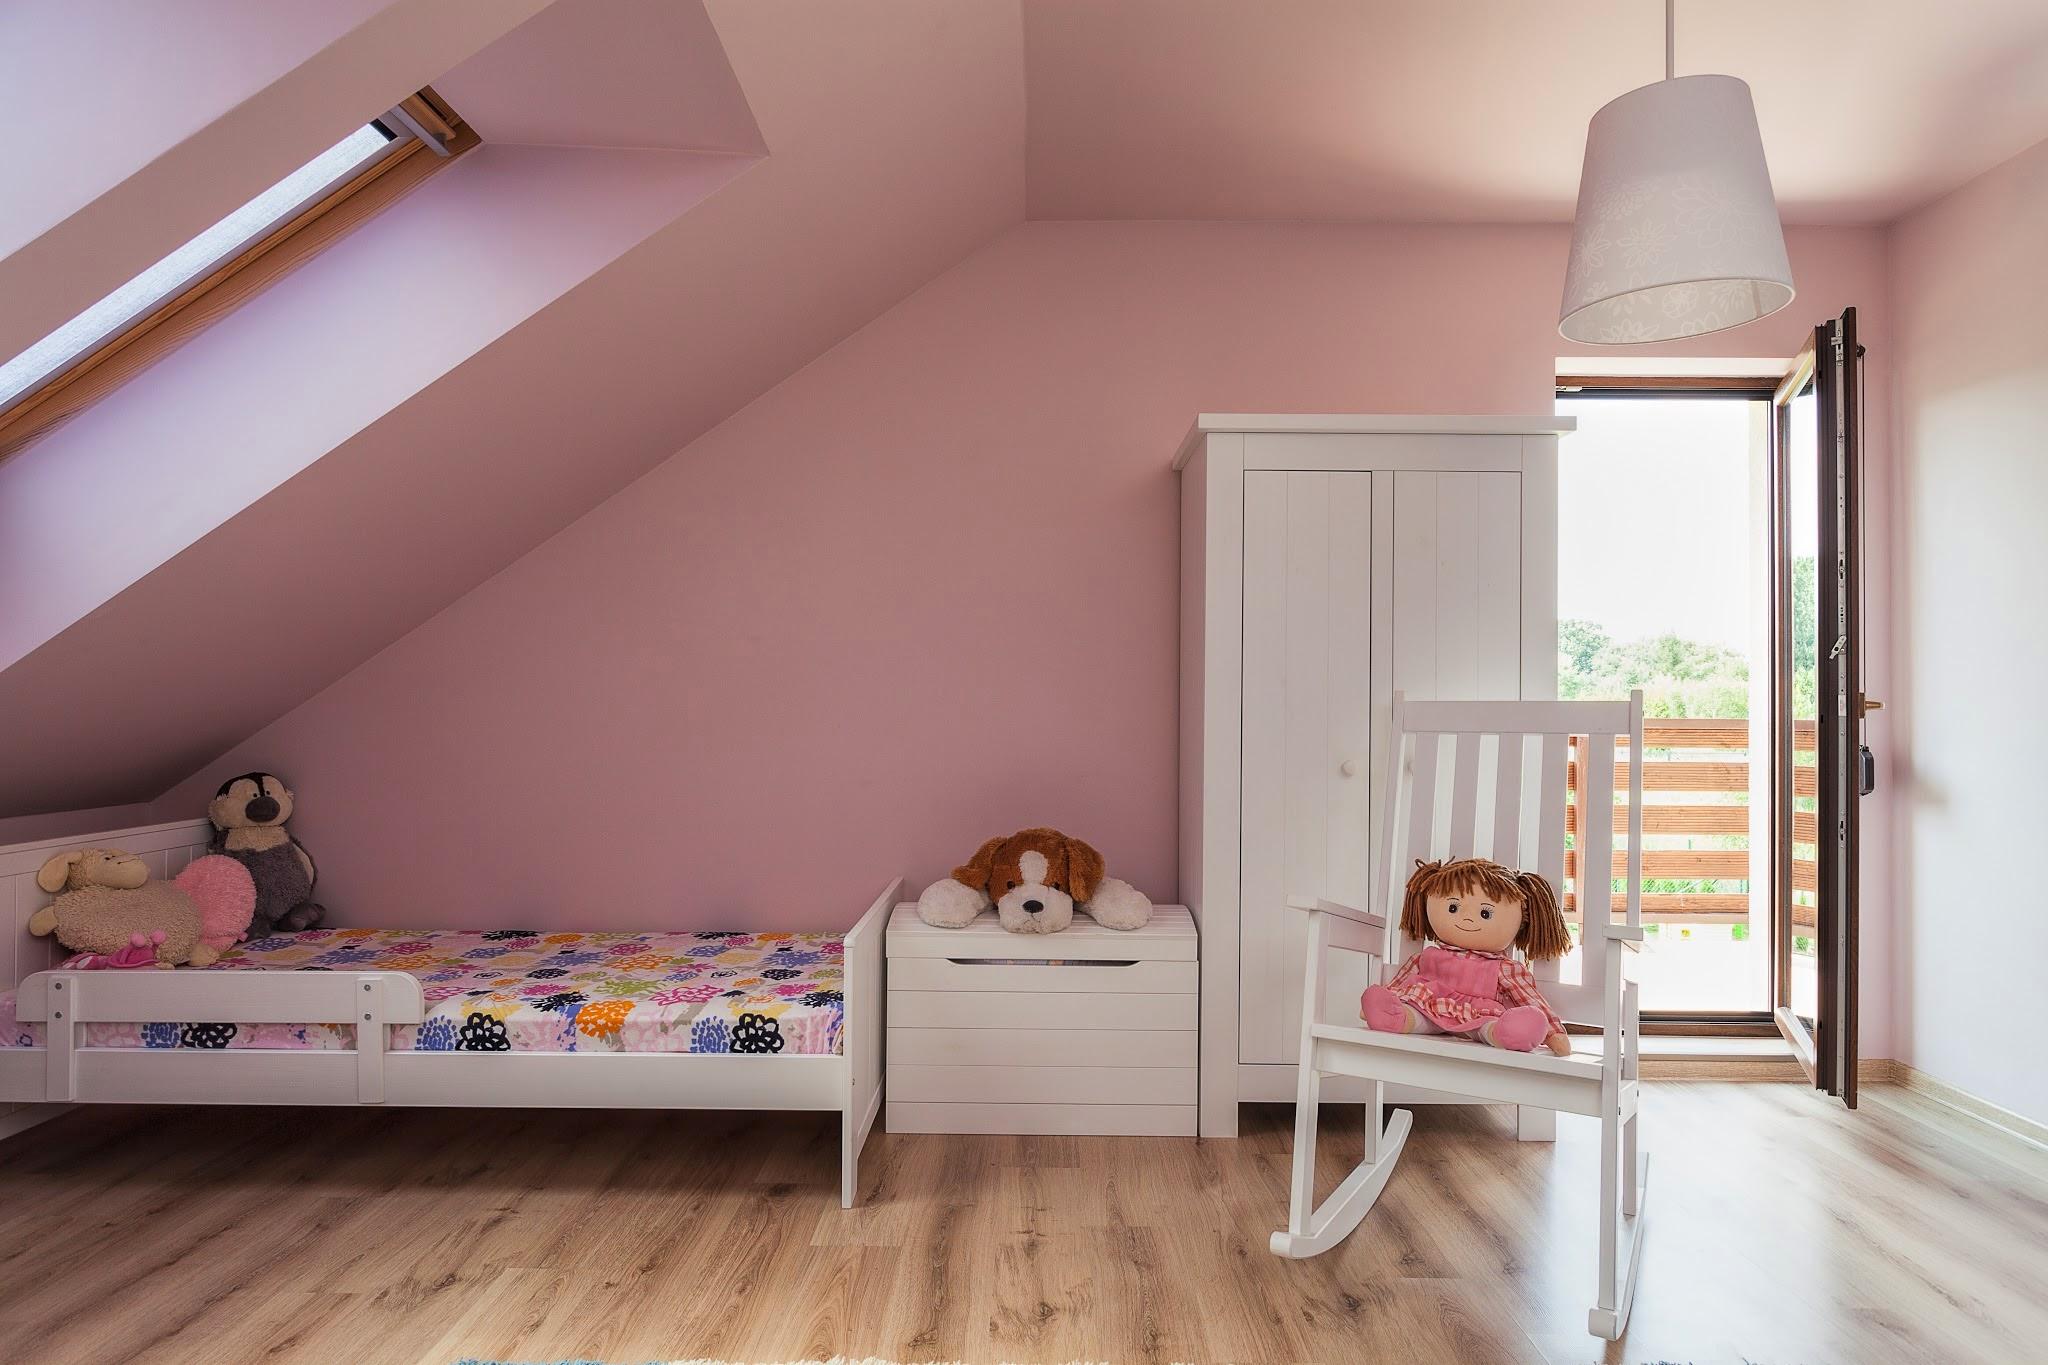 Cose La Camera Da Letto Padronale : Utilizzi della mansarda che aggiungono valore alla casa